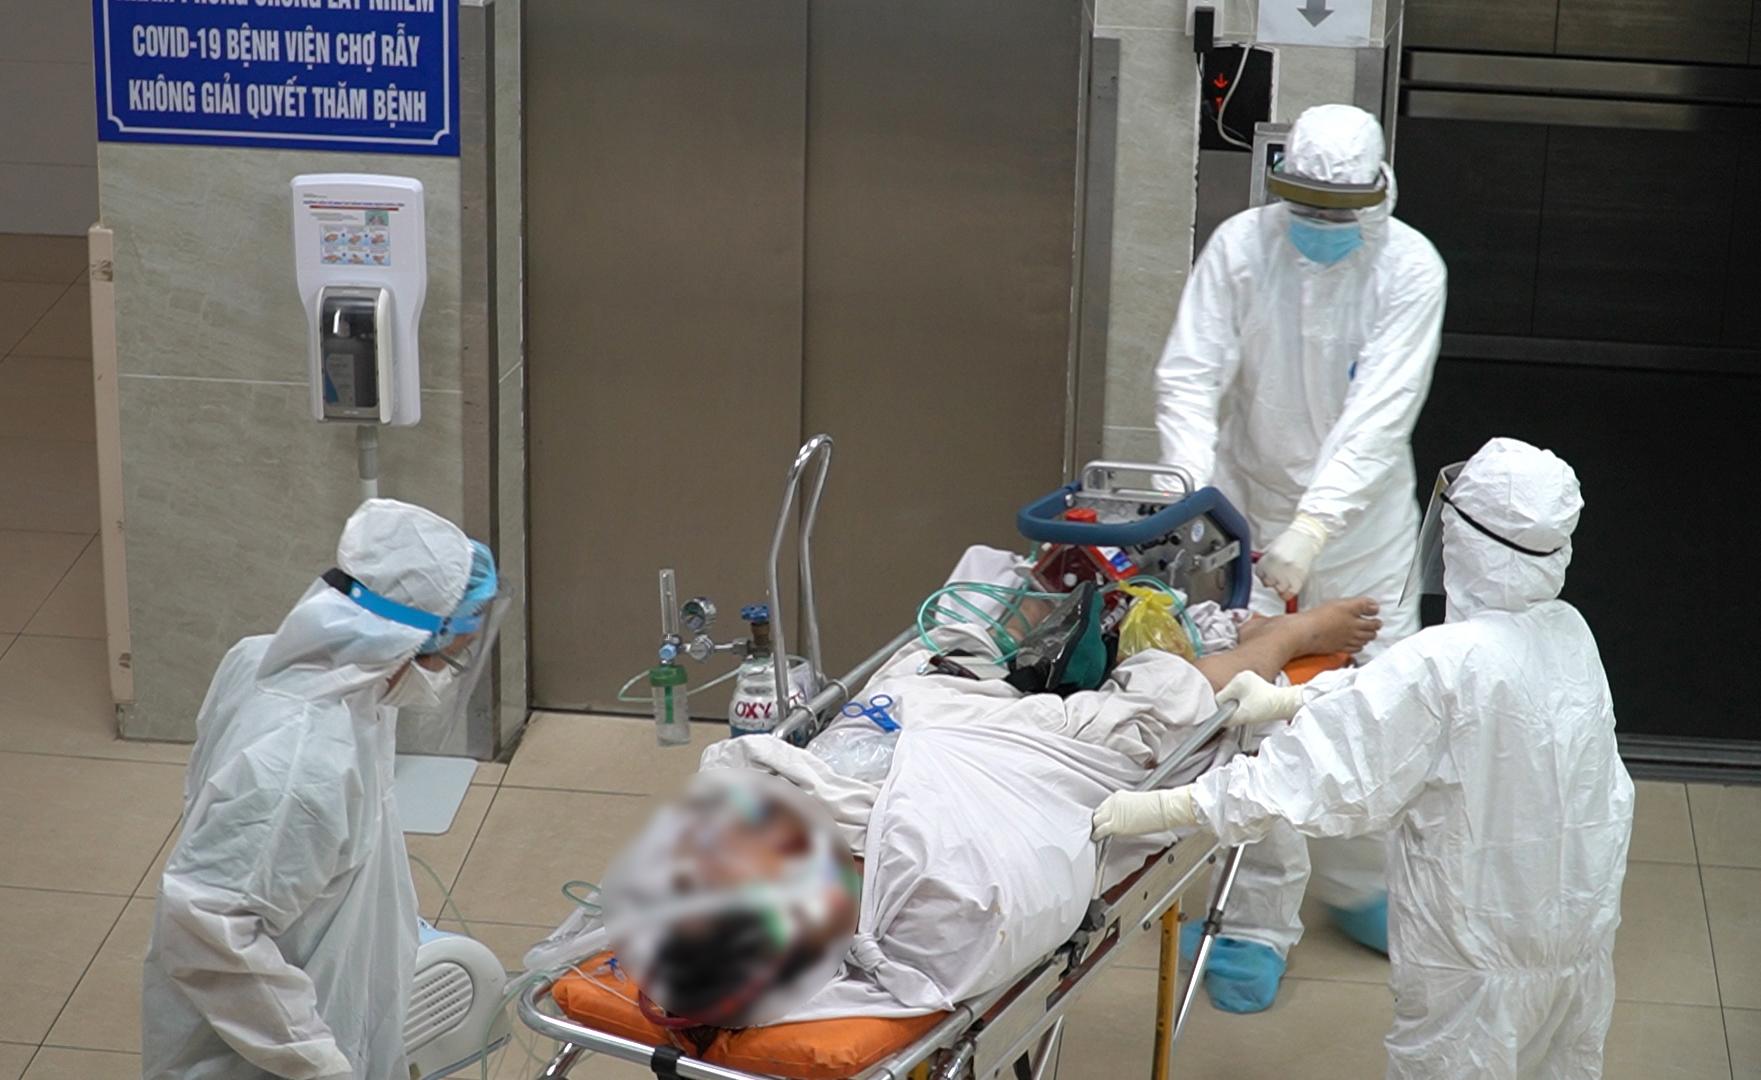 BV Chợ Rẫy sẽ tiếp tục điều trị cho chiến sĩ công an phường Phú Trung - 1 trong số những trường hợp COVID-19 rất nặng tại TPHCM. Ảnh: BV Chợ Rẫy